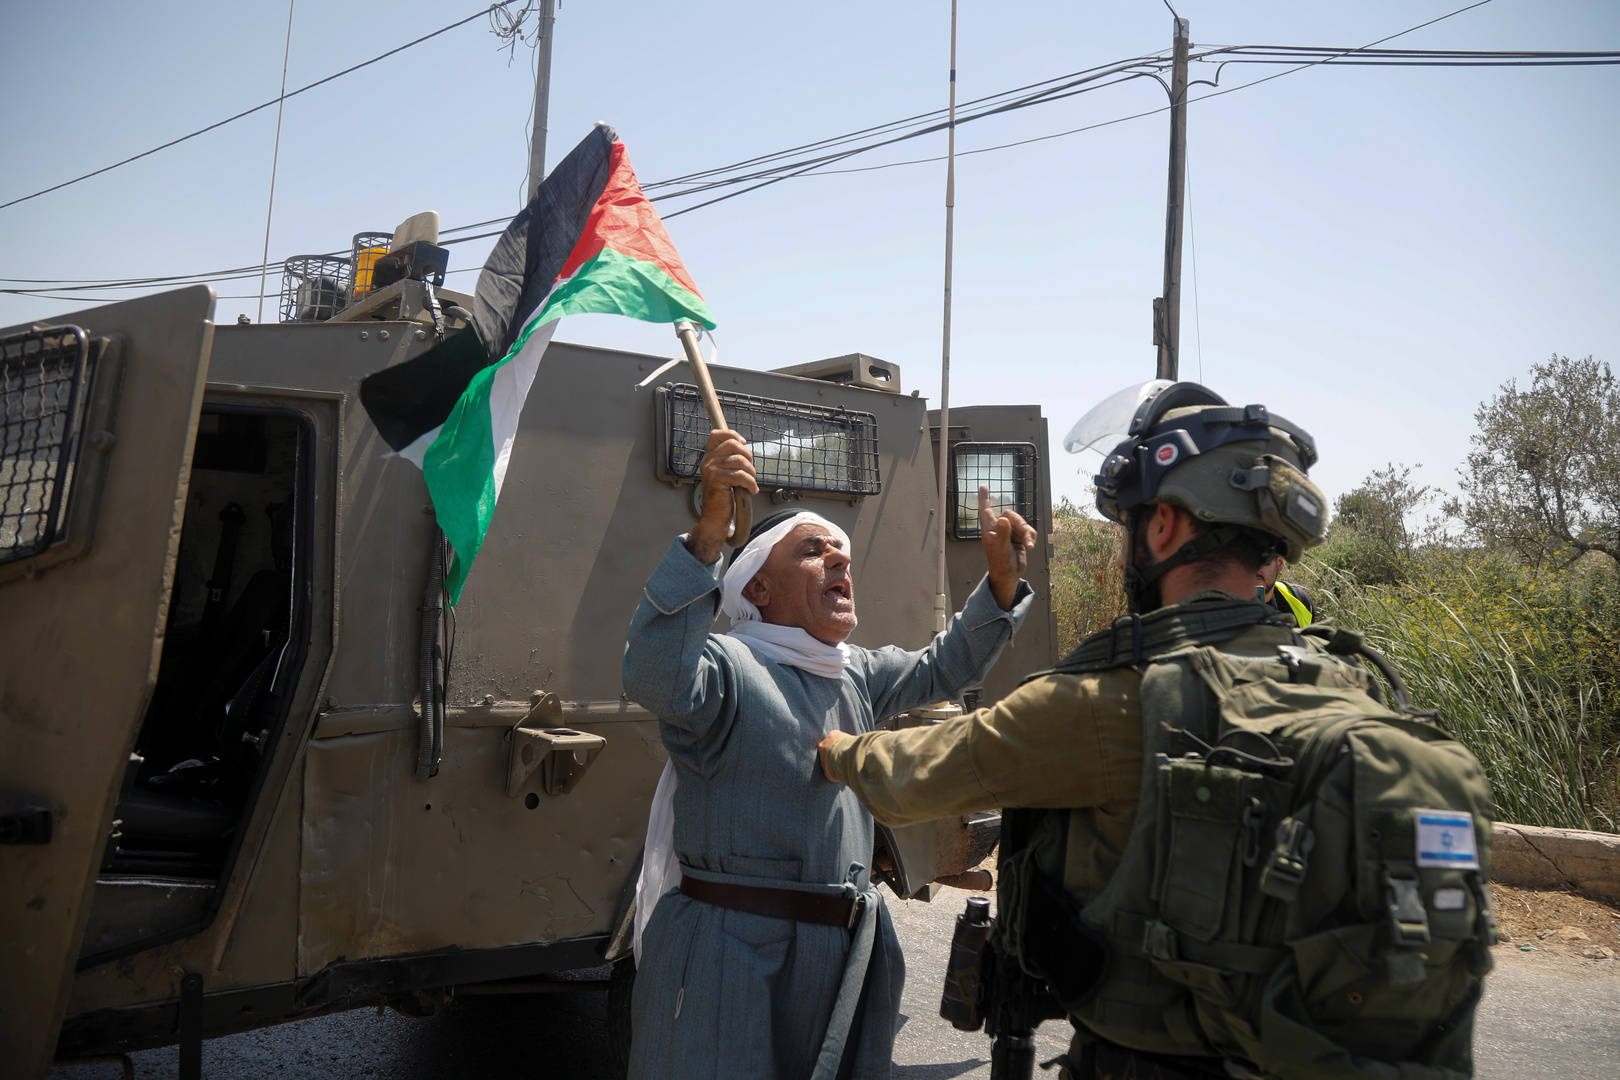 الرئاسة الفلسطينية تحذر من الخطط الاستيطانية التي يتم الإعداد لتنفيذها في محيط القدس